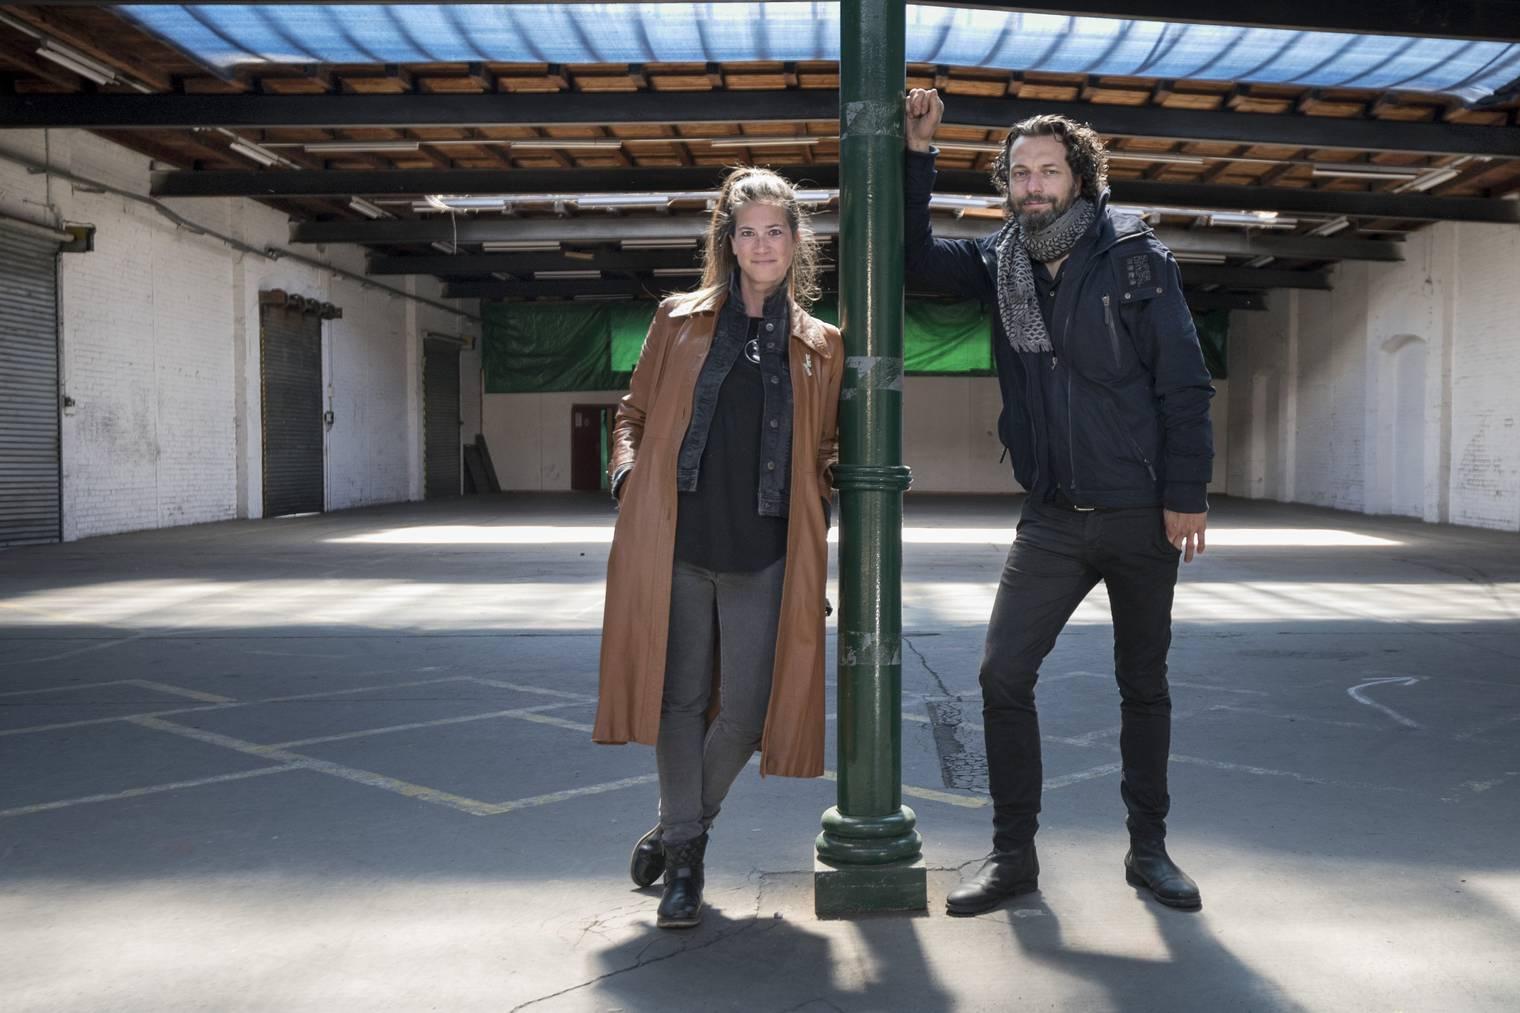 Céline Fuchs und Walter Boos sind die Initianten des Projekts «Eventhalle». (Bild: Tagblatt/Adriana Cortiz Cardozo)